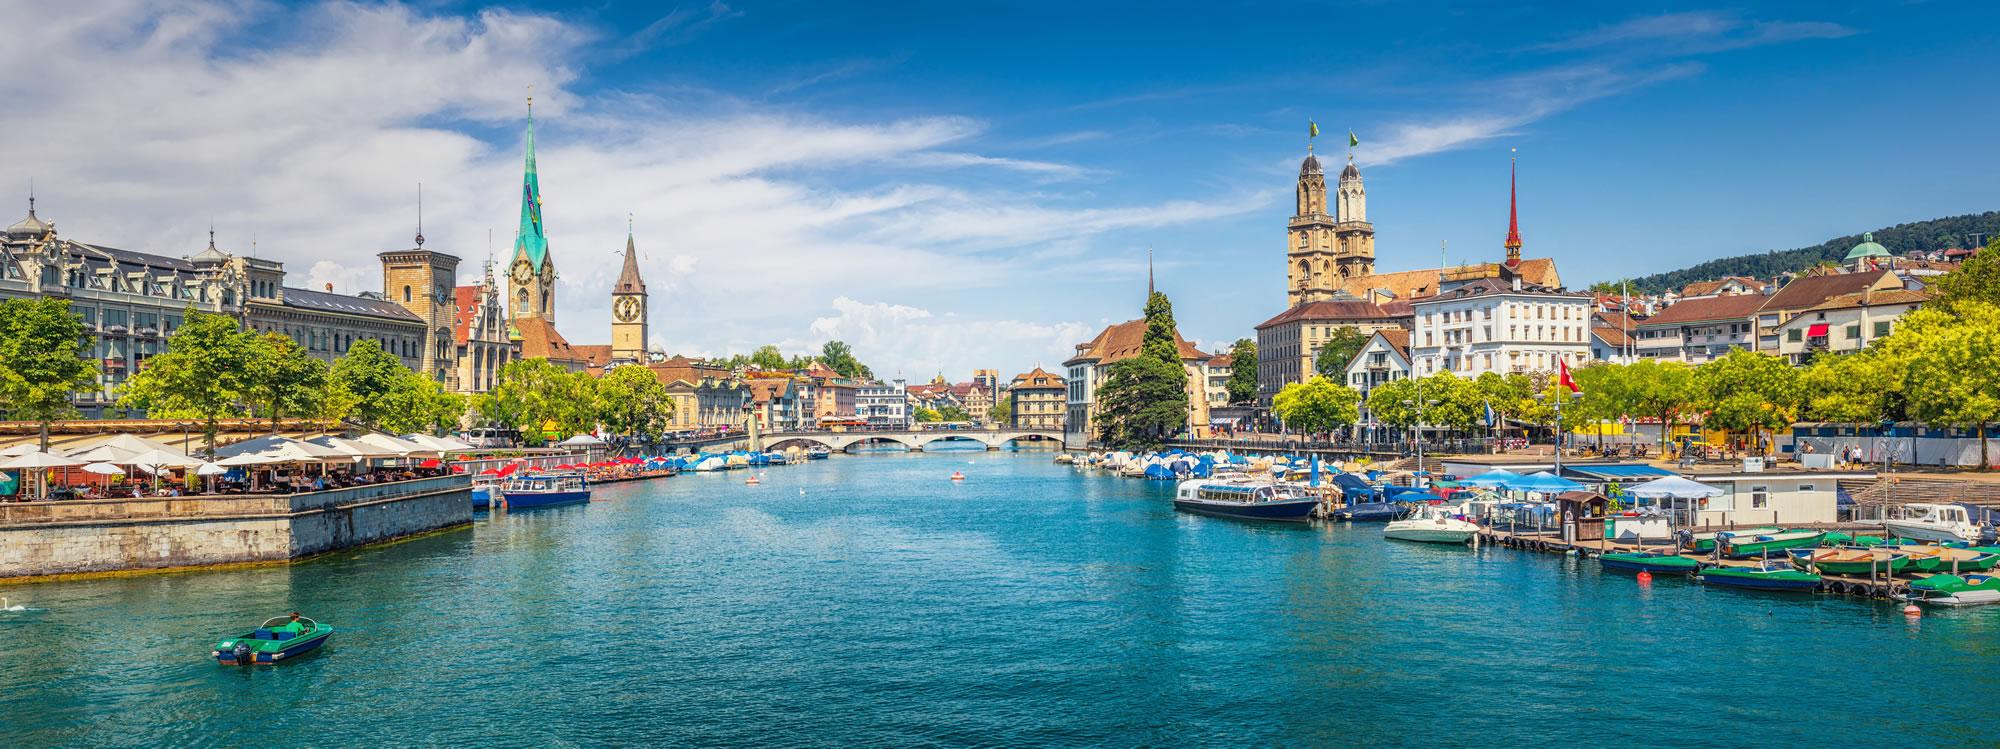 Canton of Zurich Switzerland